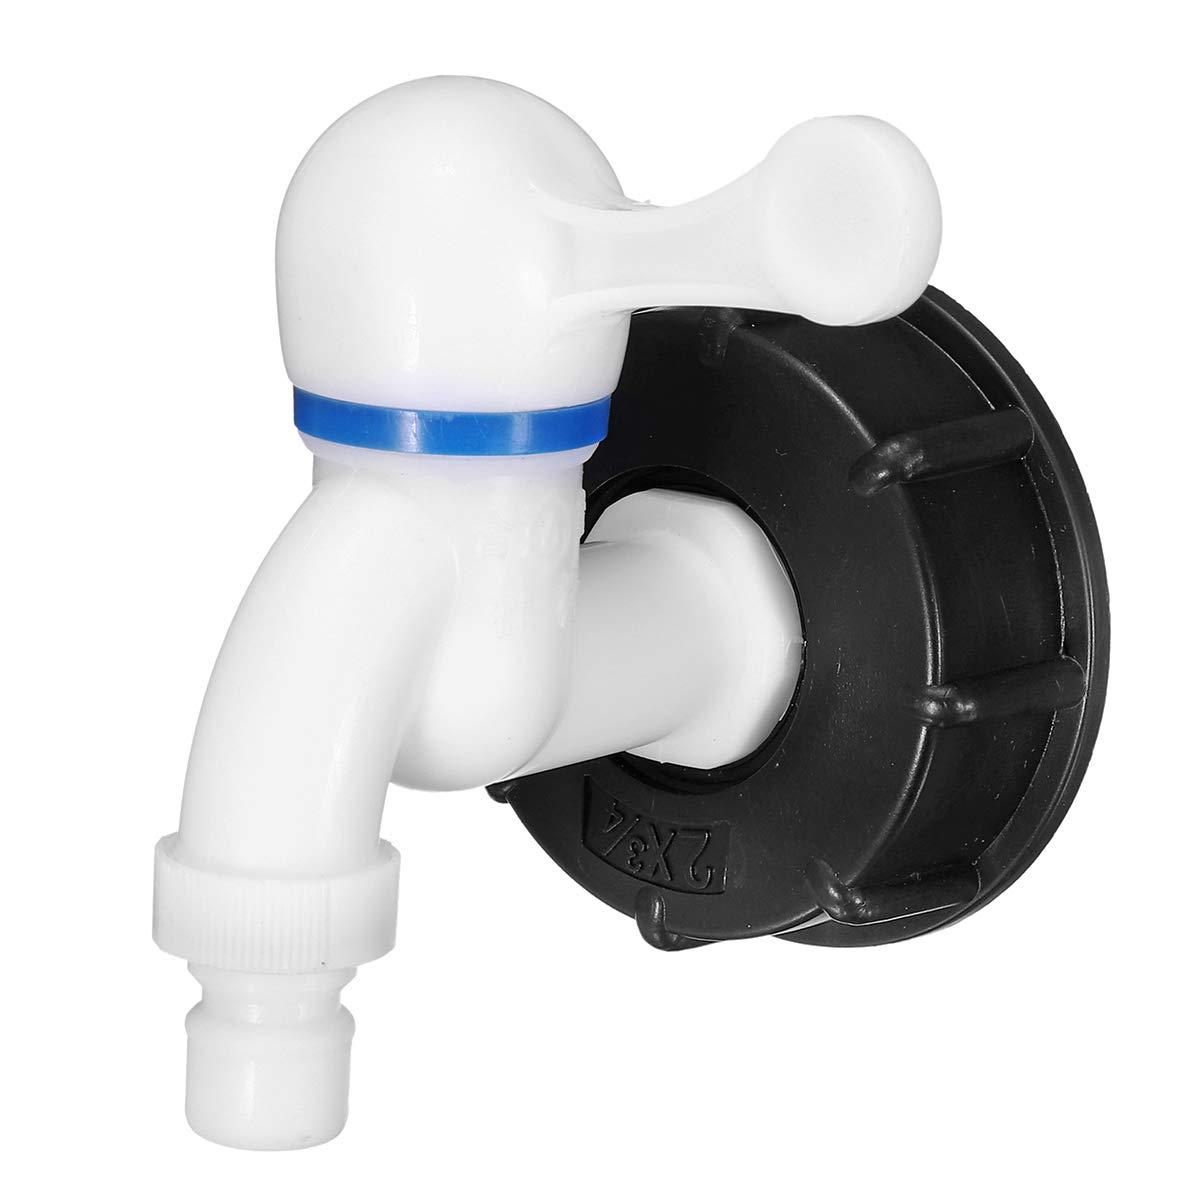 RanDal Adaptador De Tanque De Rosca Ibc De 2 Pulgadas Adaptador De Conector De Grifo De Reemplazo De V/álvula S60X6 Kit # 1